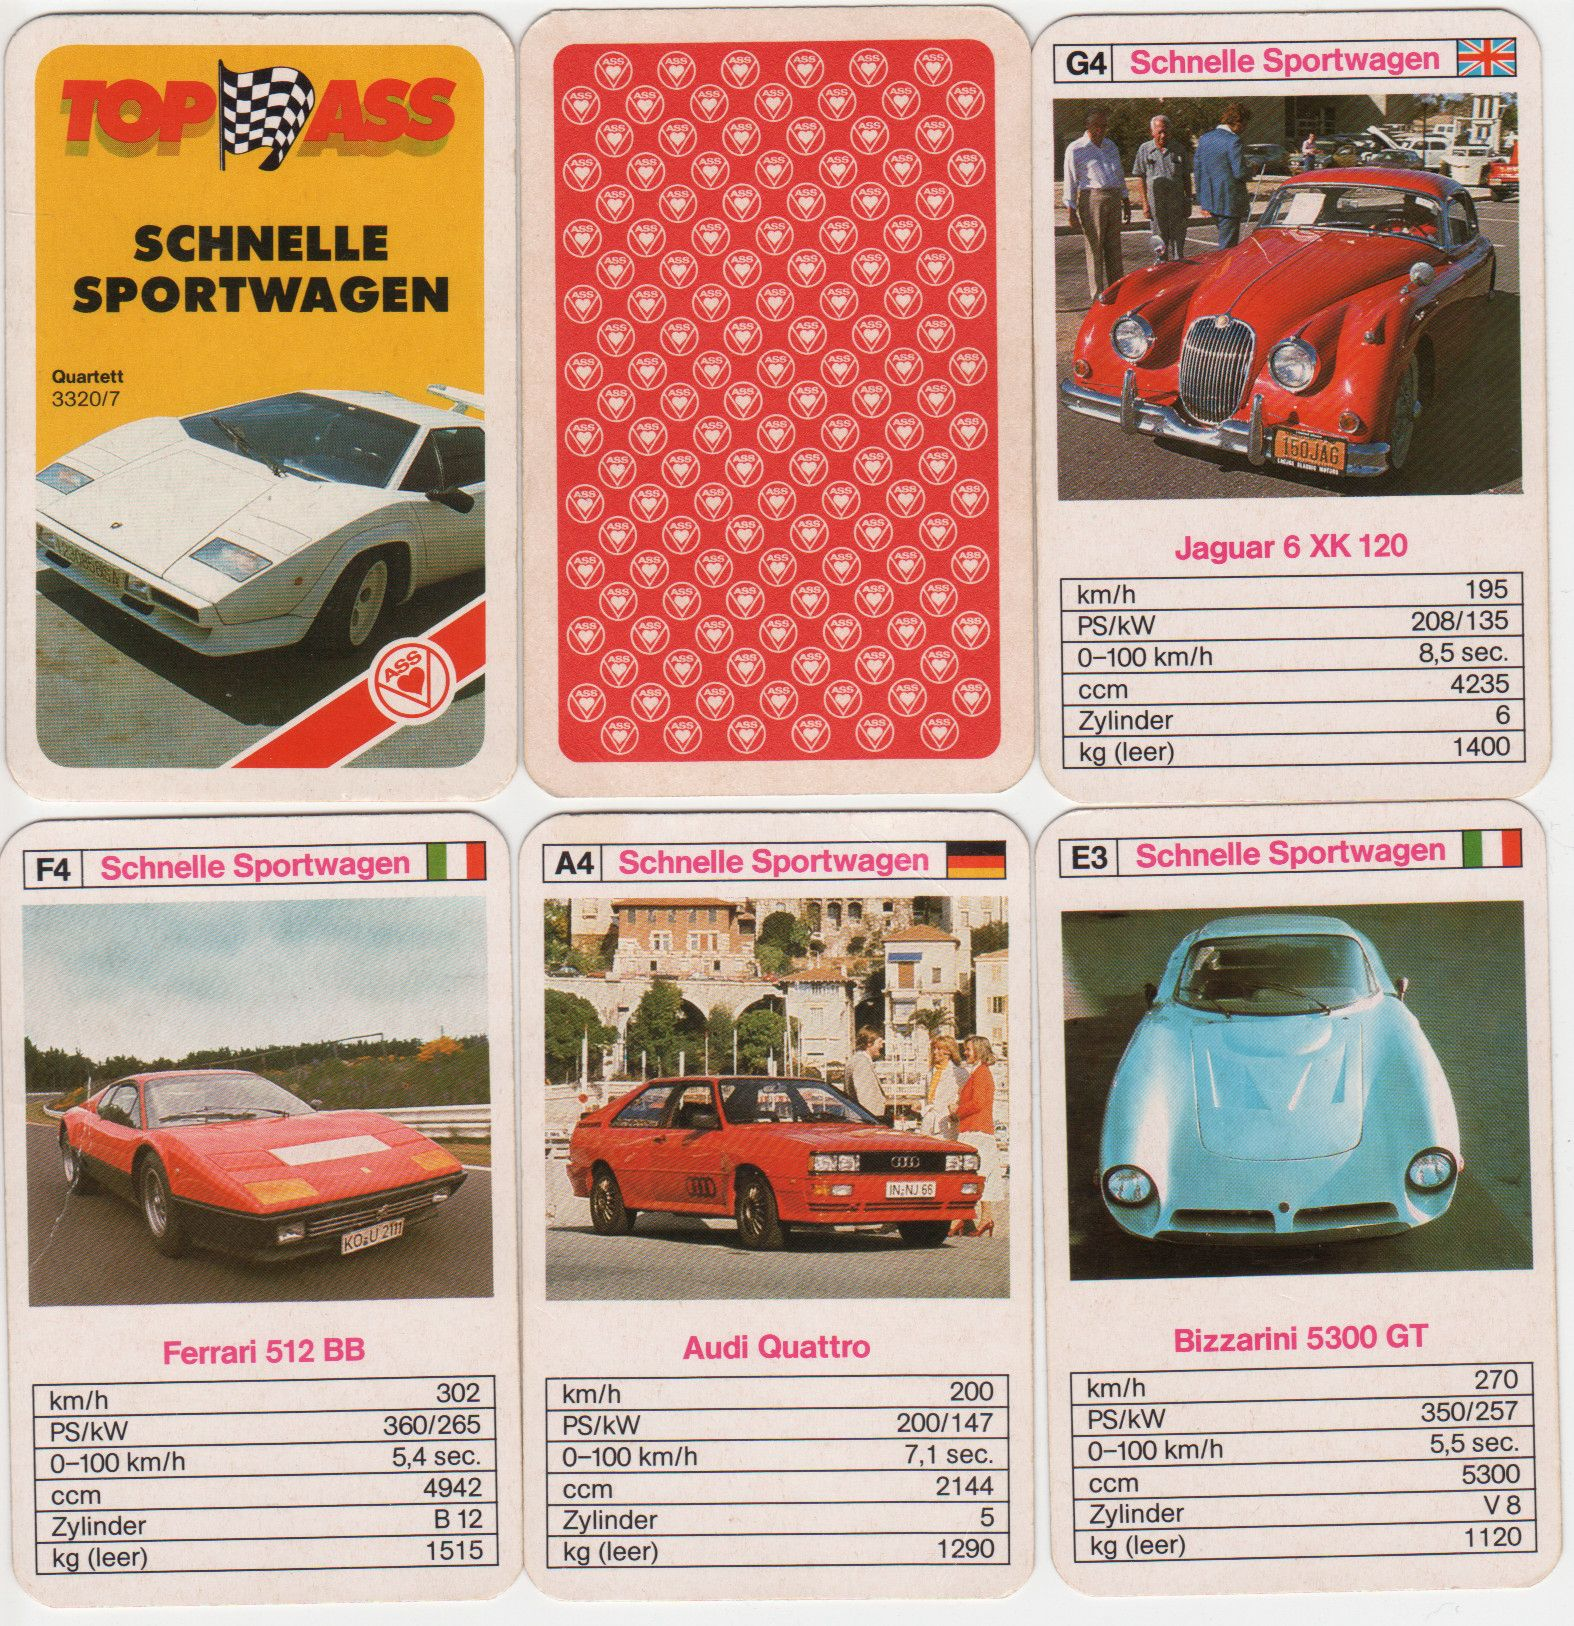 ass-3320-7_Schnelle_Sportwagen_Countach